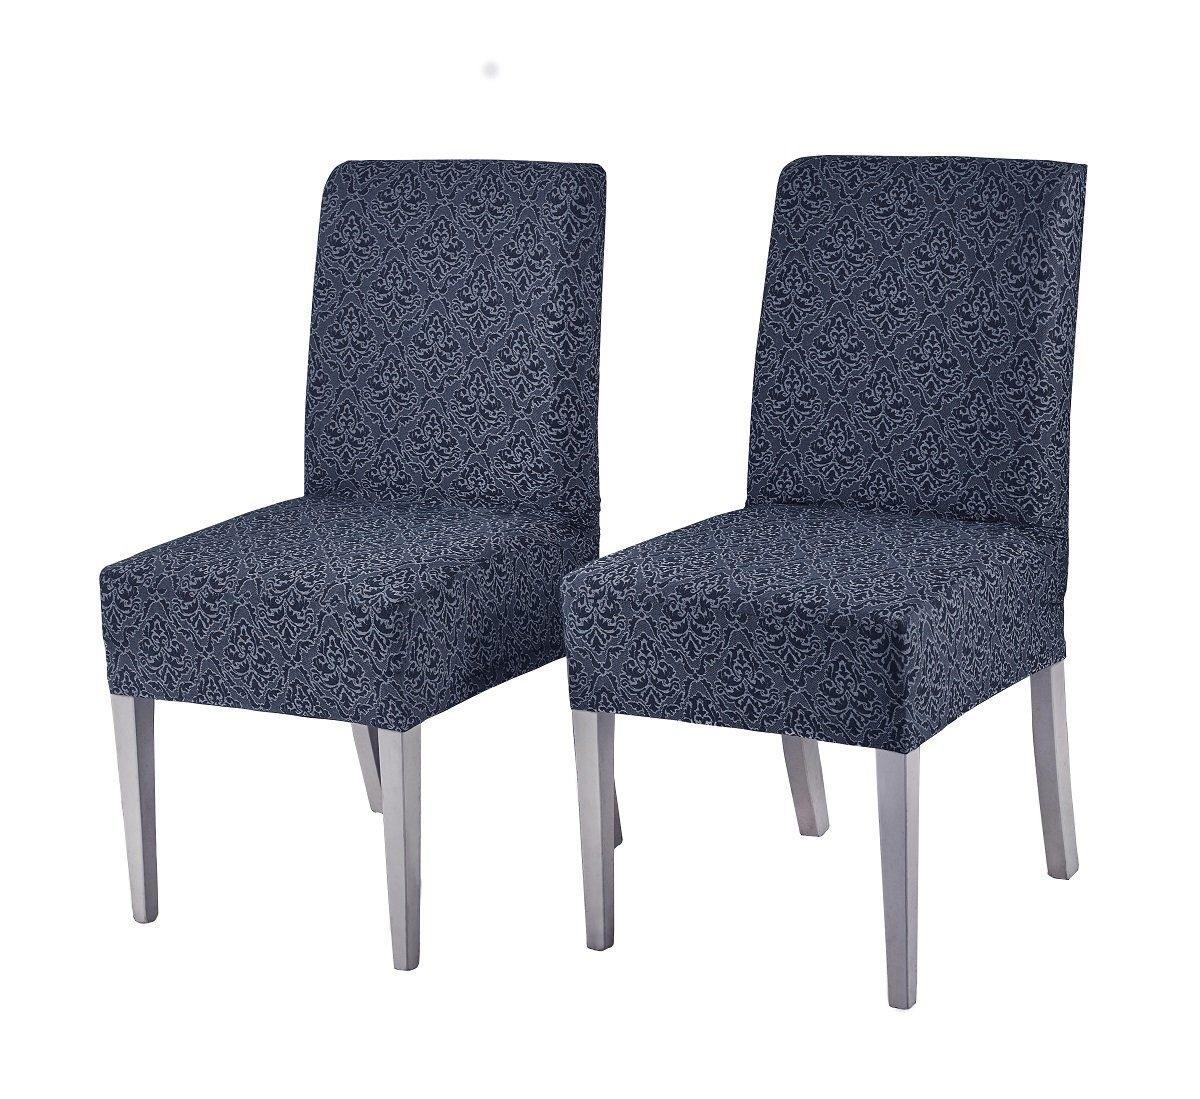 чехол для стула защищает мебель